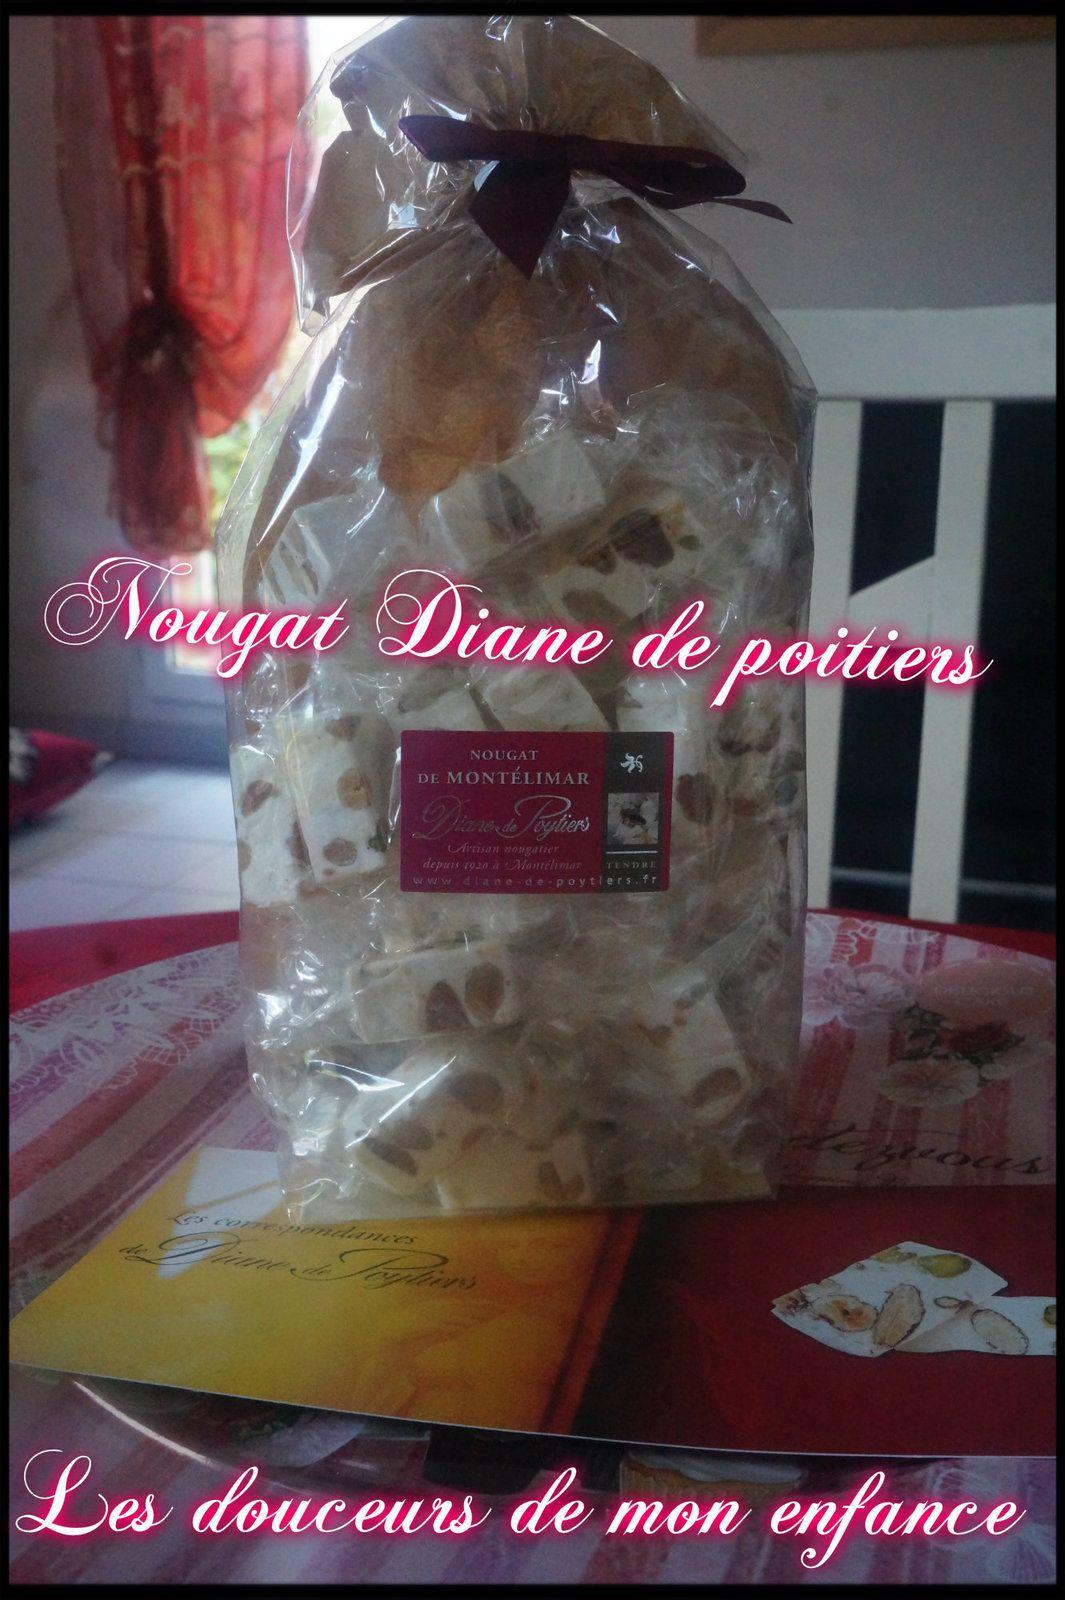 Nougat Diane de Poytiers son histoire